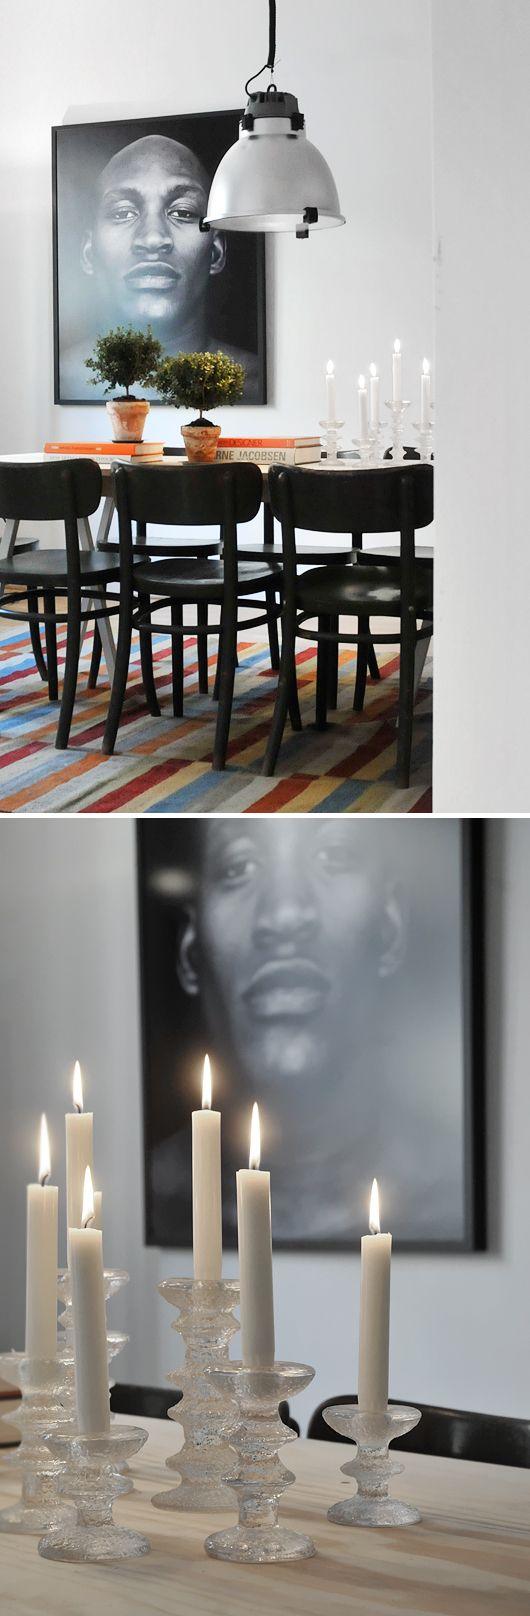 bord pynt i stuen - mange lysestager sprayet i en basic farve og så ...